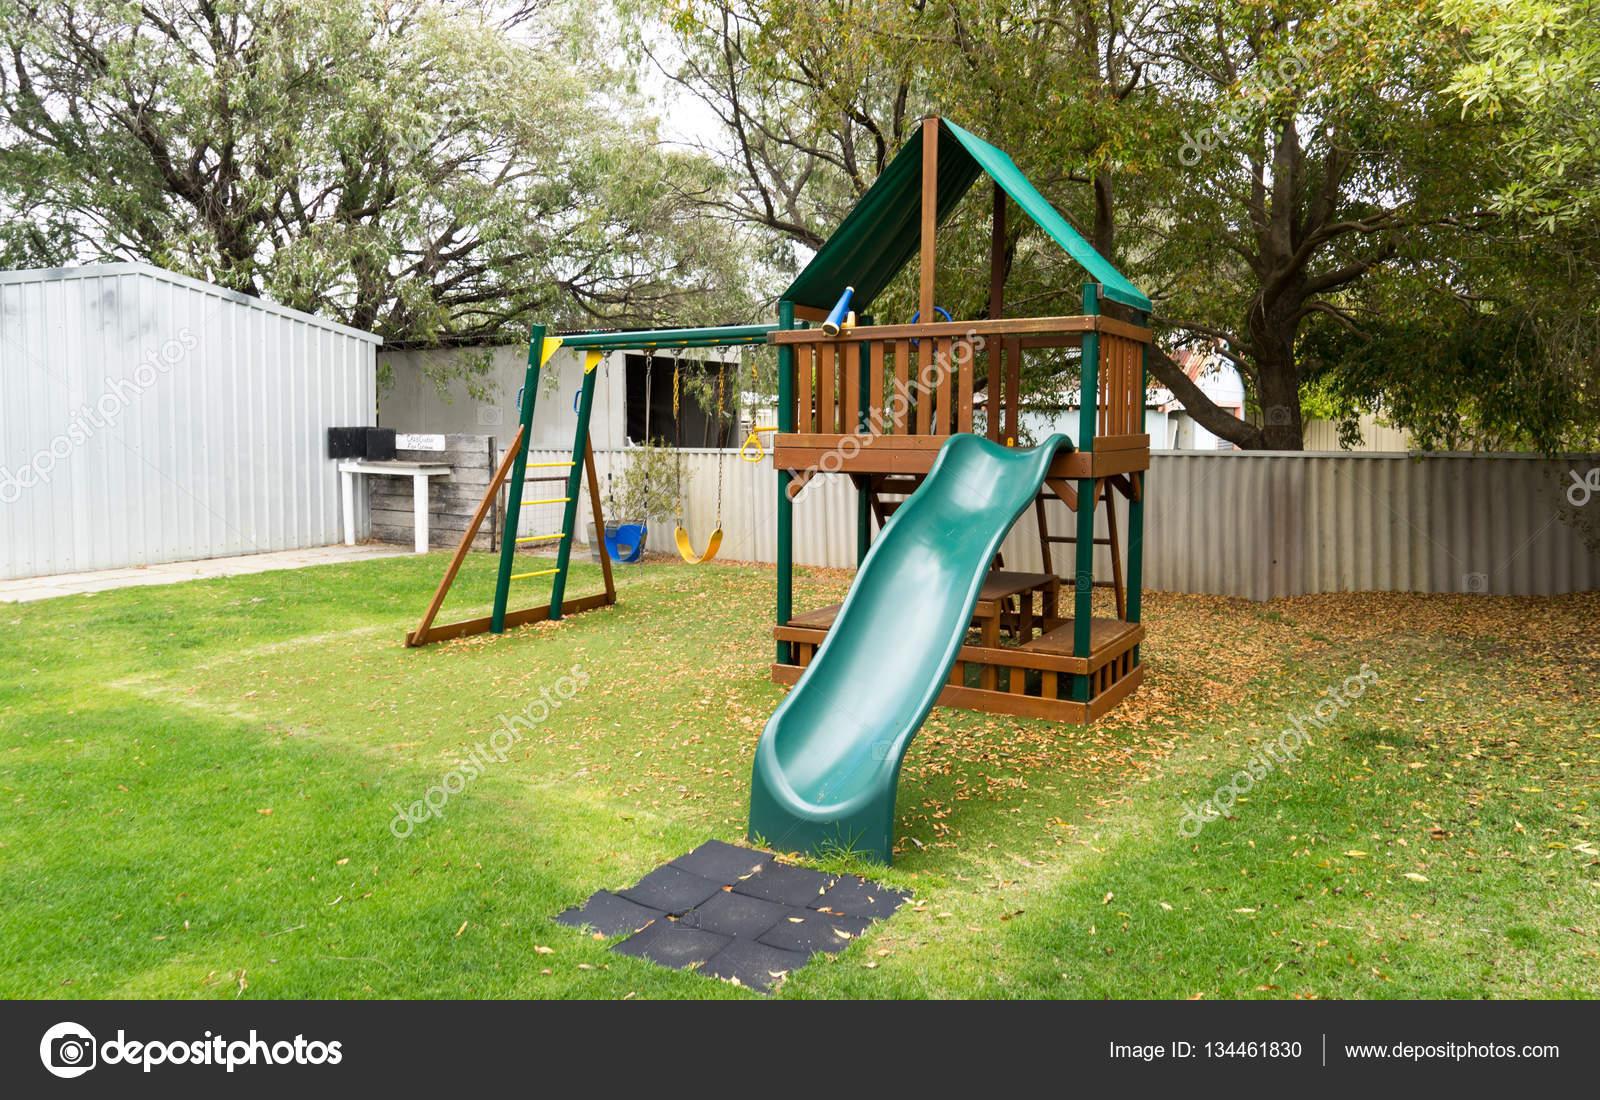 Buona progettare idee casa giochi per bambini da giardino all